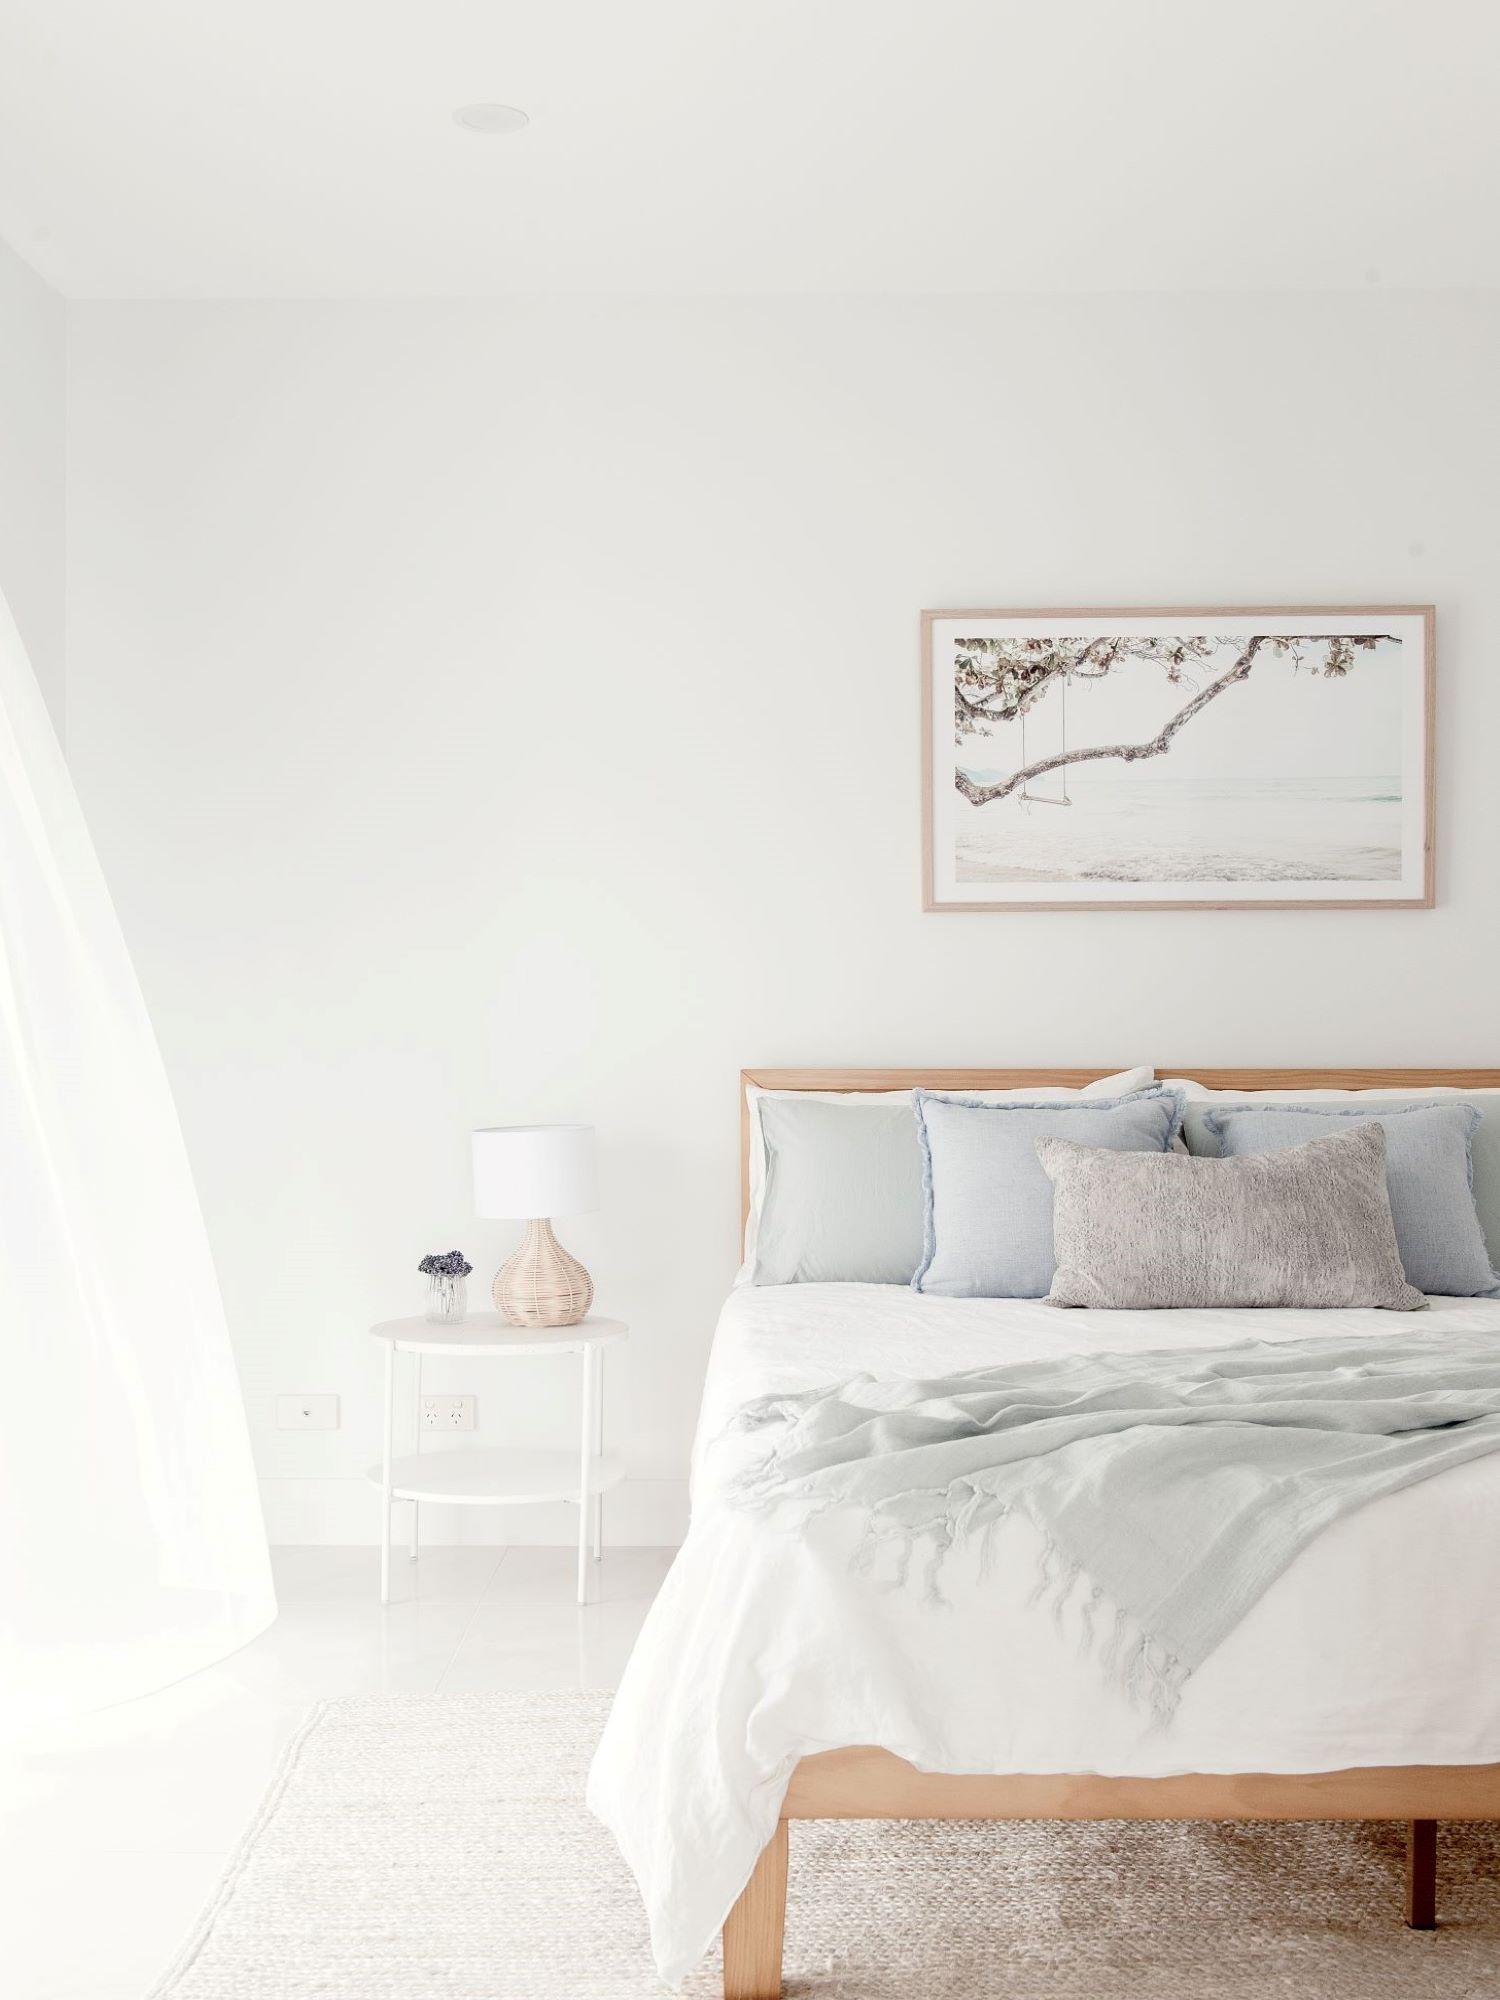 Coastal Bedroom by interior designer Michelle Canny